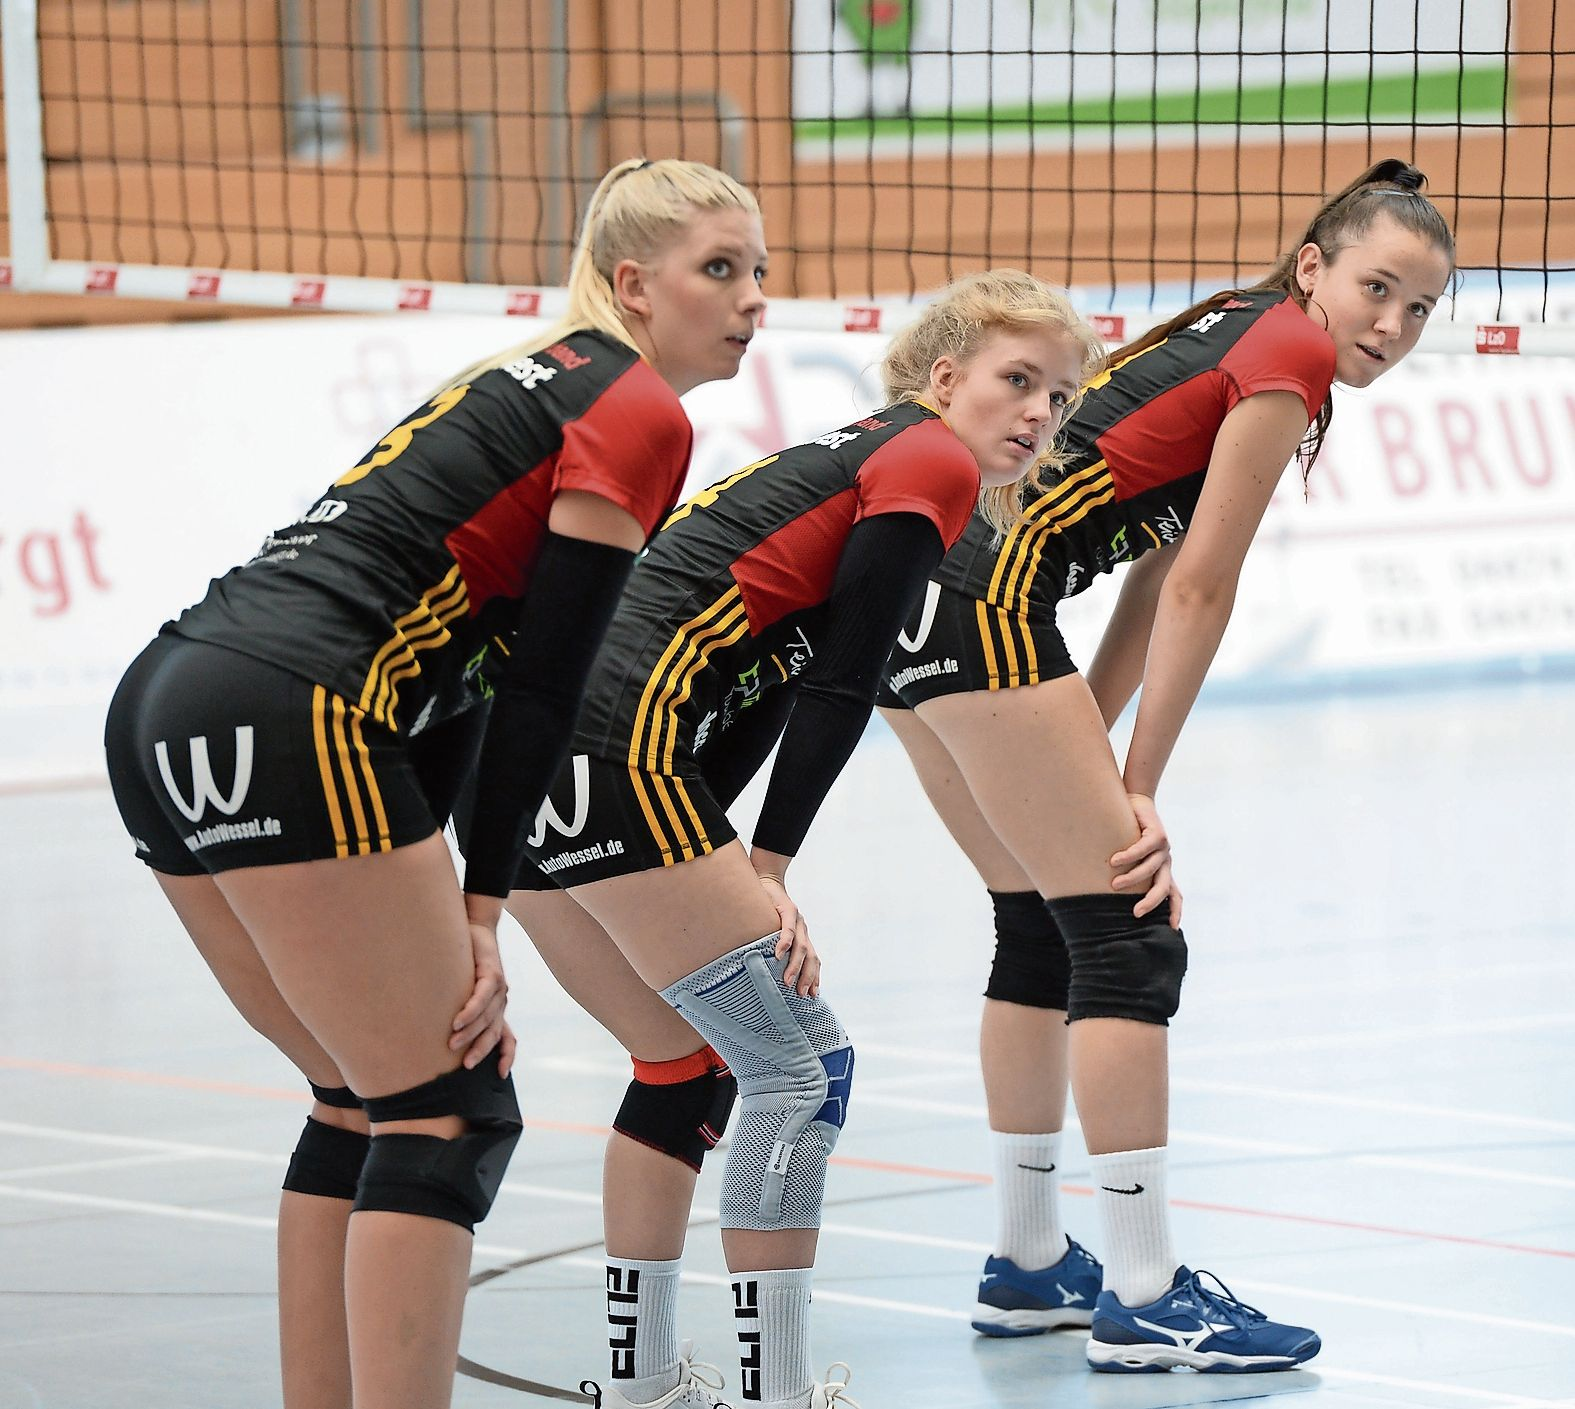 Blick zurück: Nach nur vier Spielen ist die Saison für die Frauen des TV Cloppenburg (hier von links: Lisa Lammers, Jule Lampe und Polina Bizhko) in der Dritten LIga West beendet. Foto: Langosch